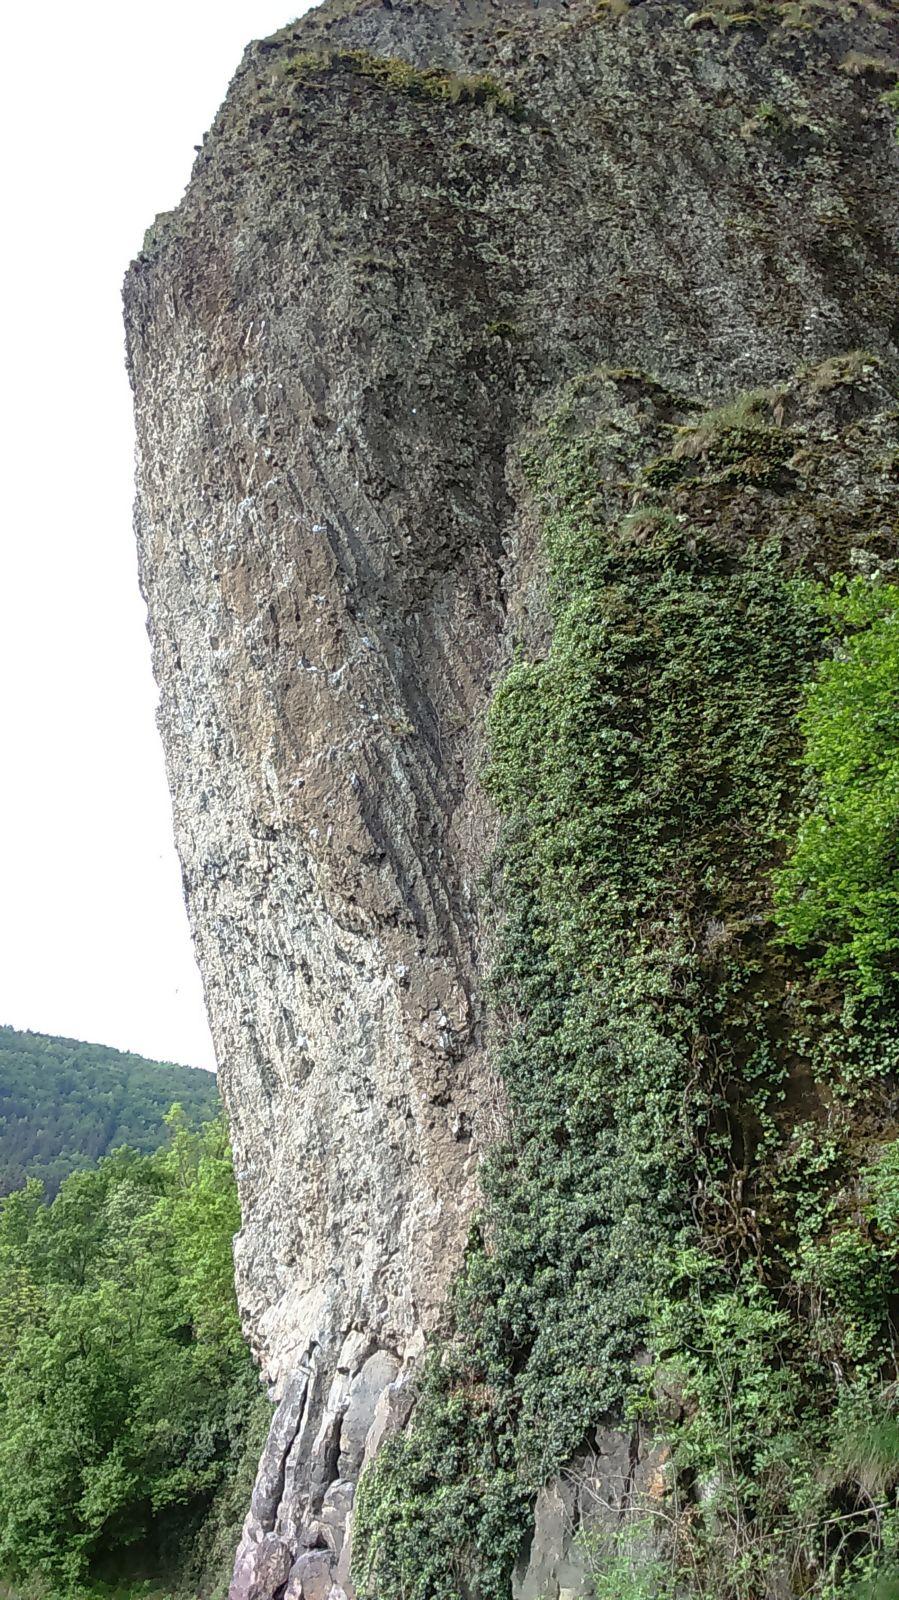 ça ne se voit pas mais il y a des prises pour les grimpeurs